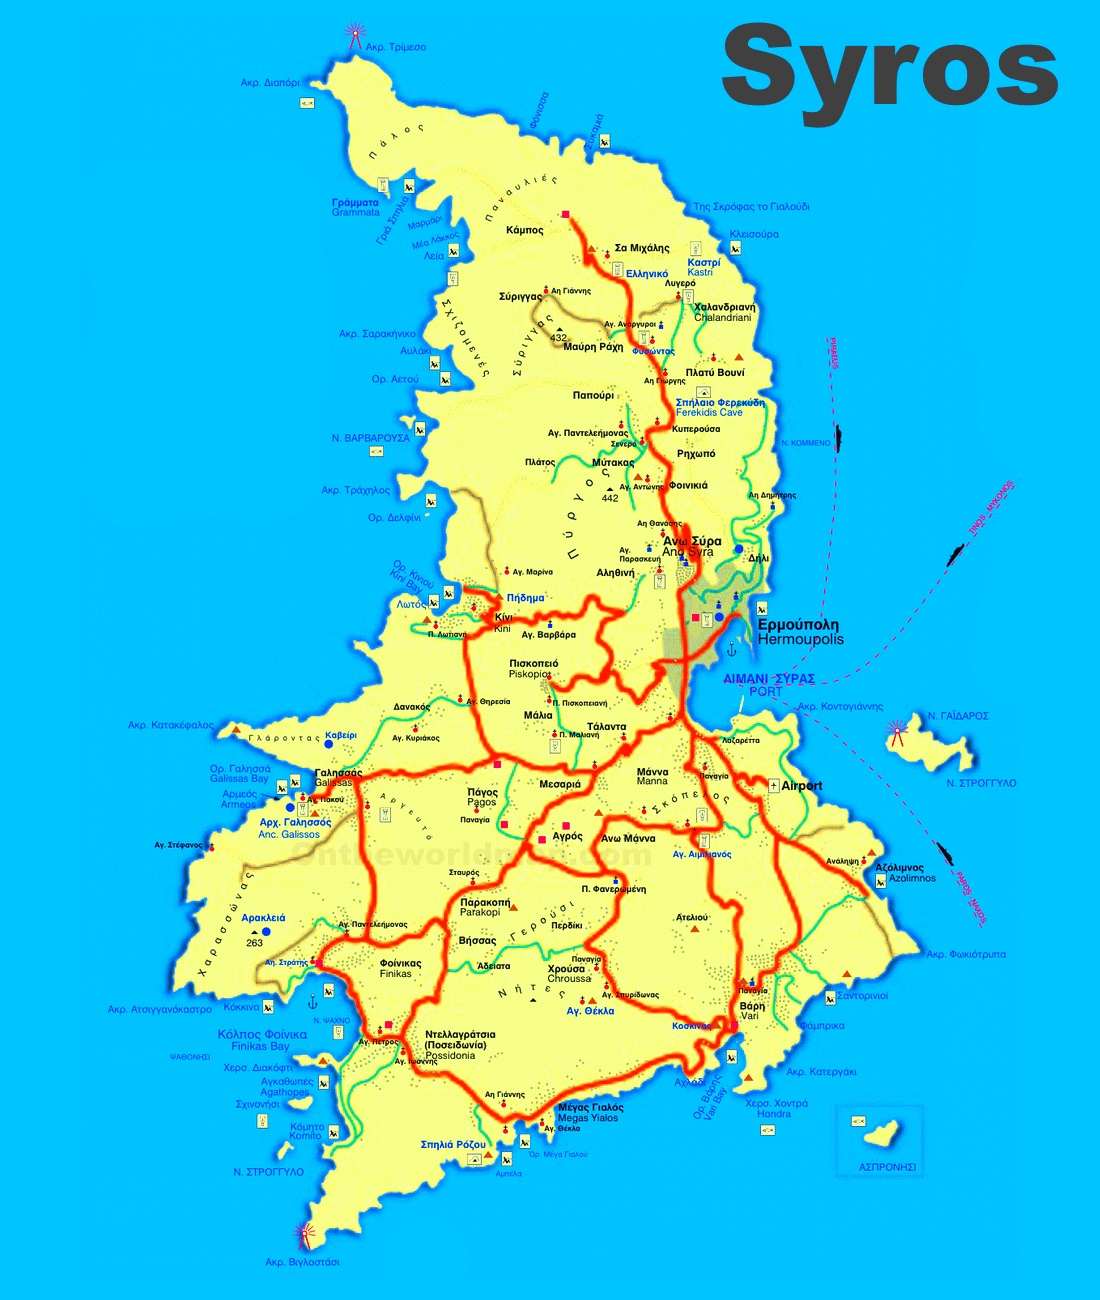 Syros Maps Greece Maps of Syros Island